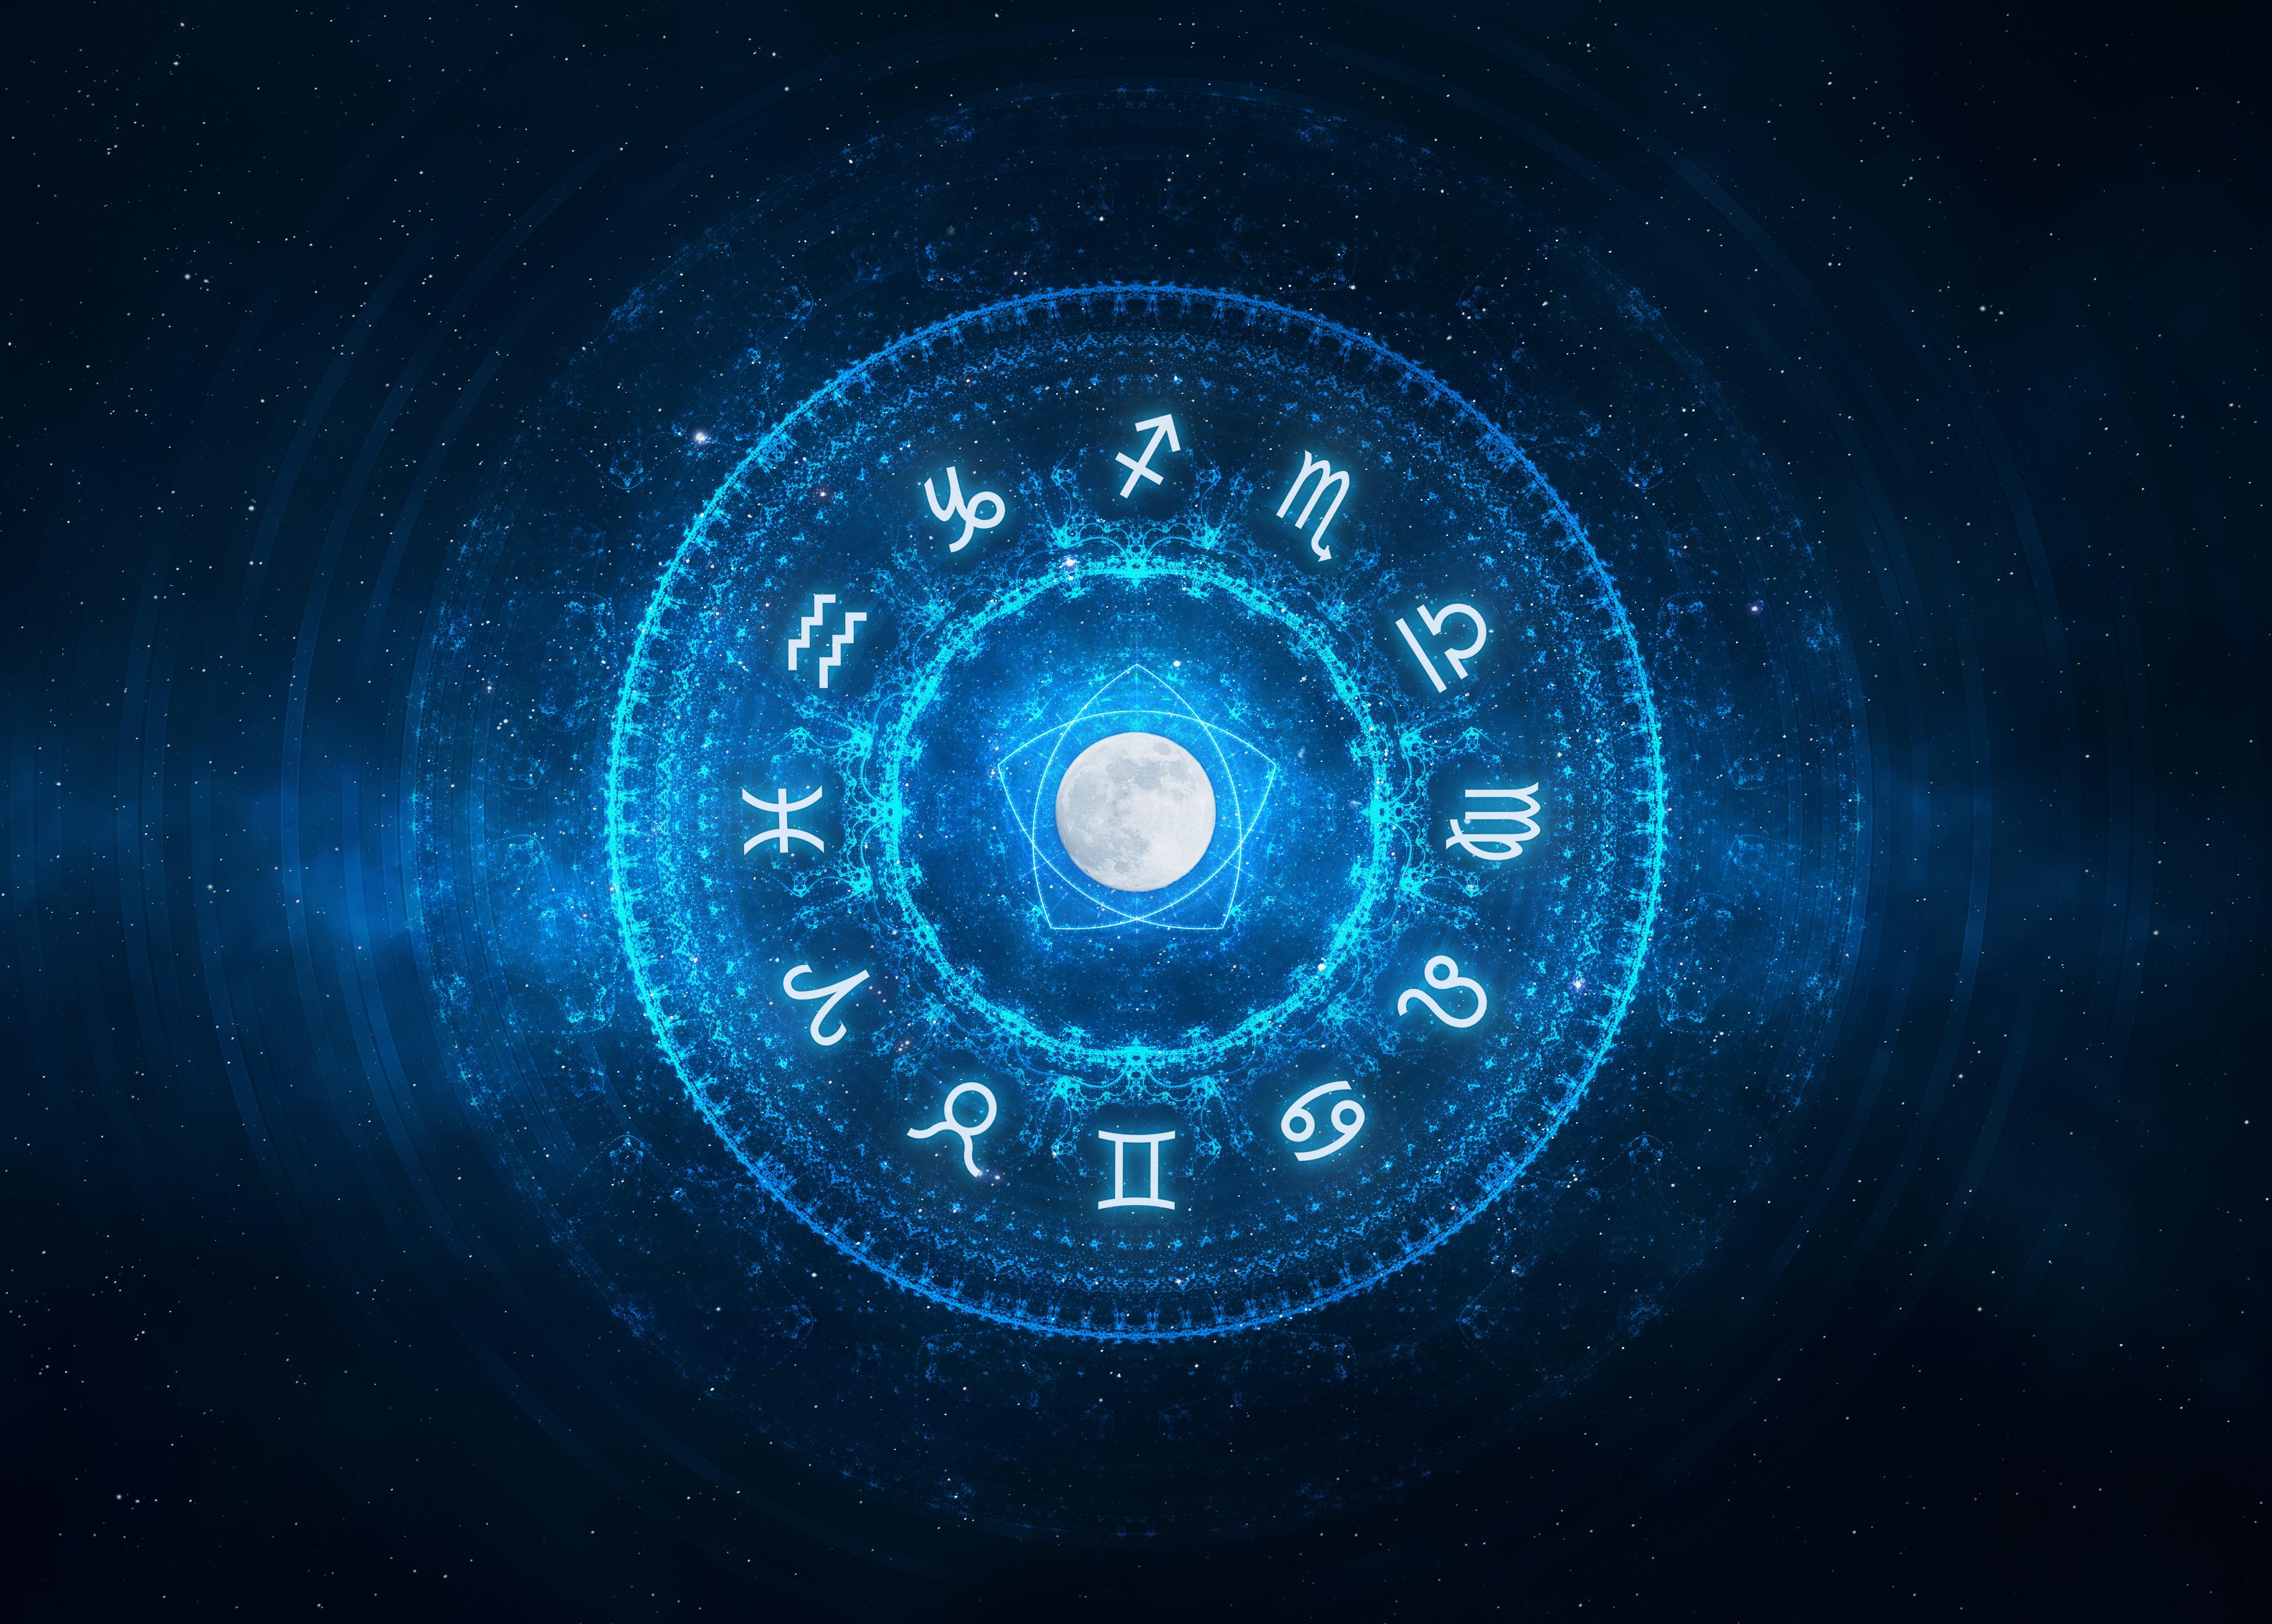 msn france horoscope